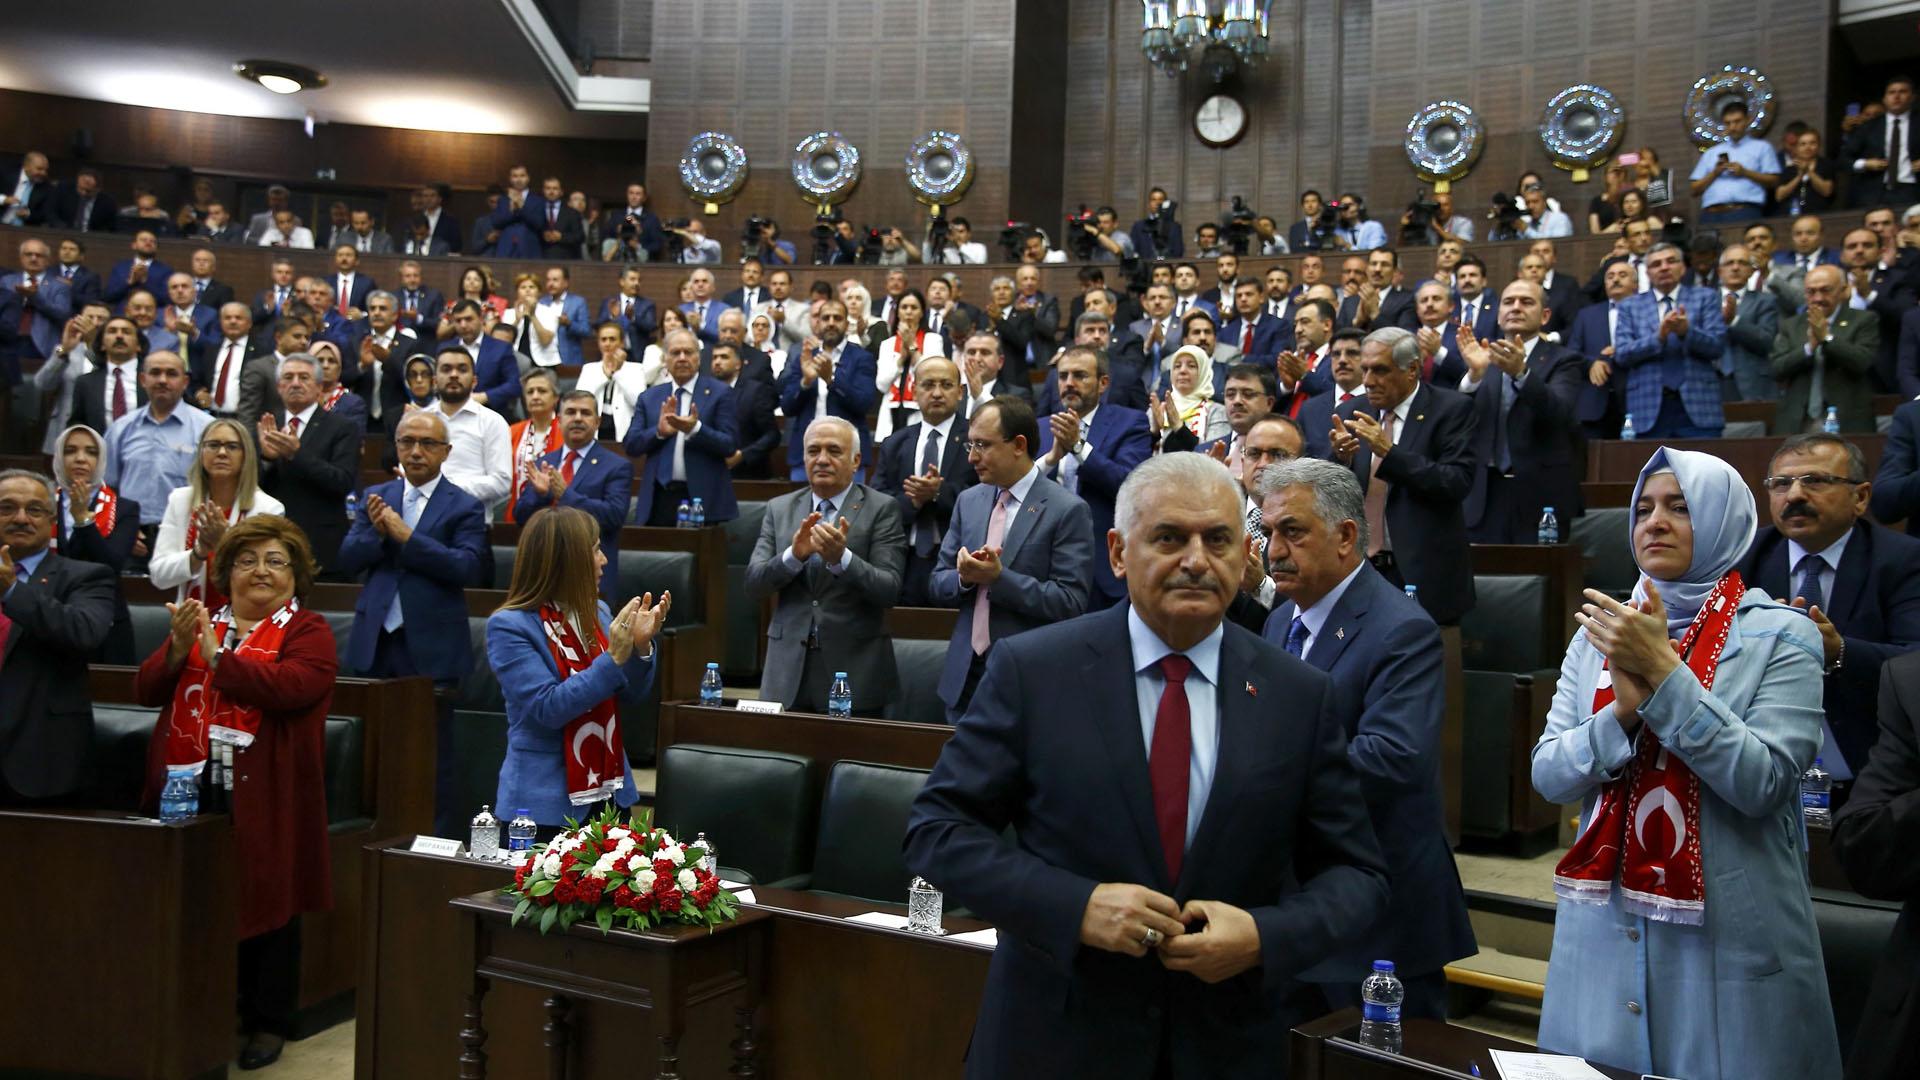 Continúan las destituciones en Turquía